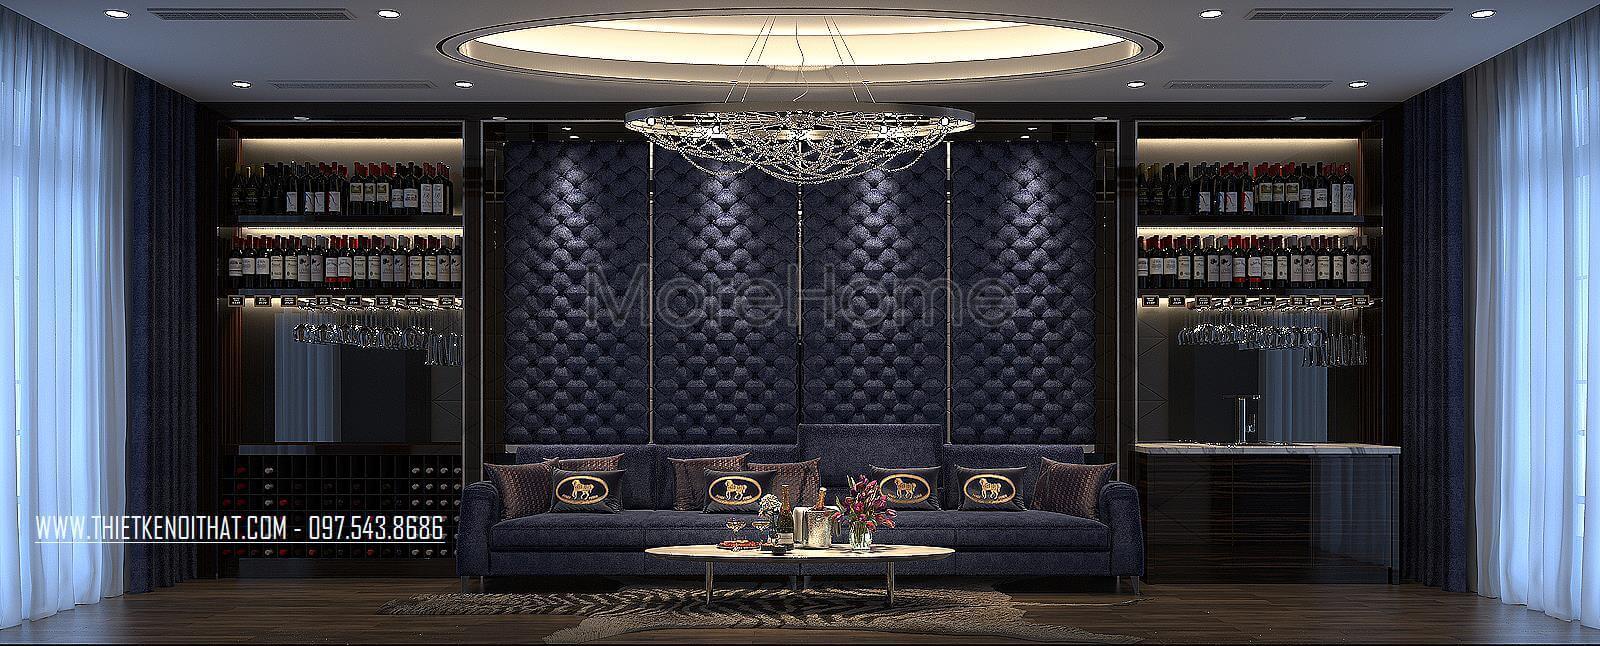 Thiết kế nội thất phòng giải trí biệt thự Vinhomes Imperia hải phòng